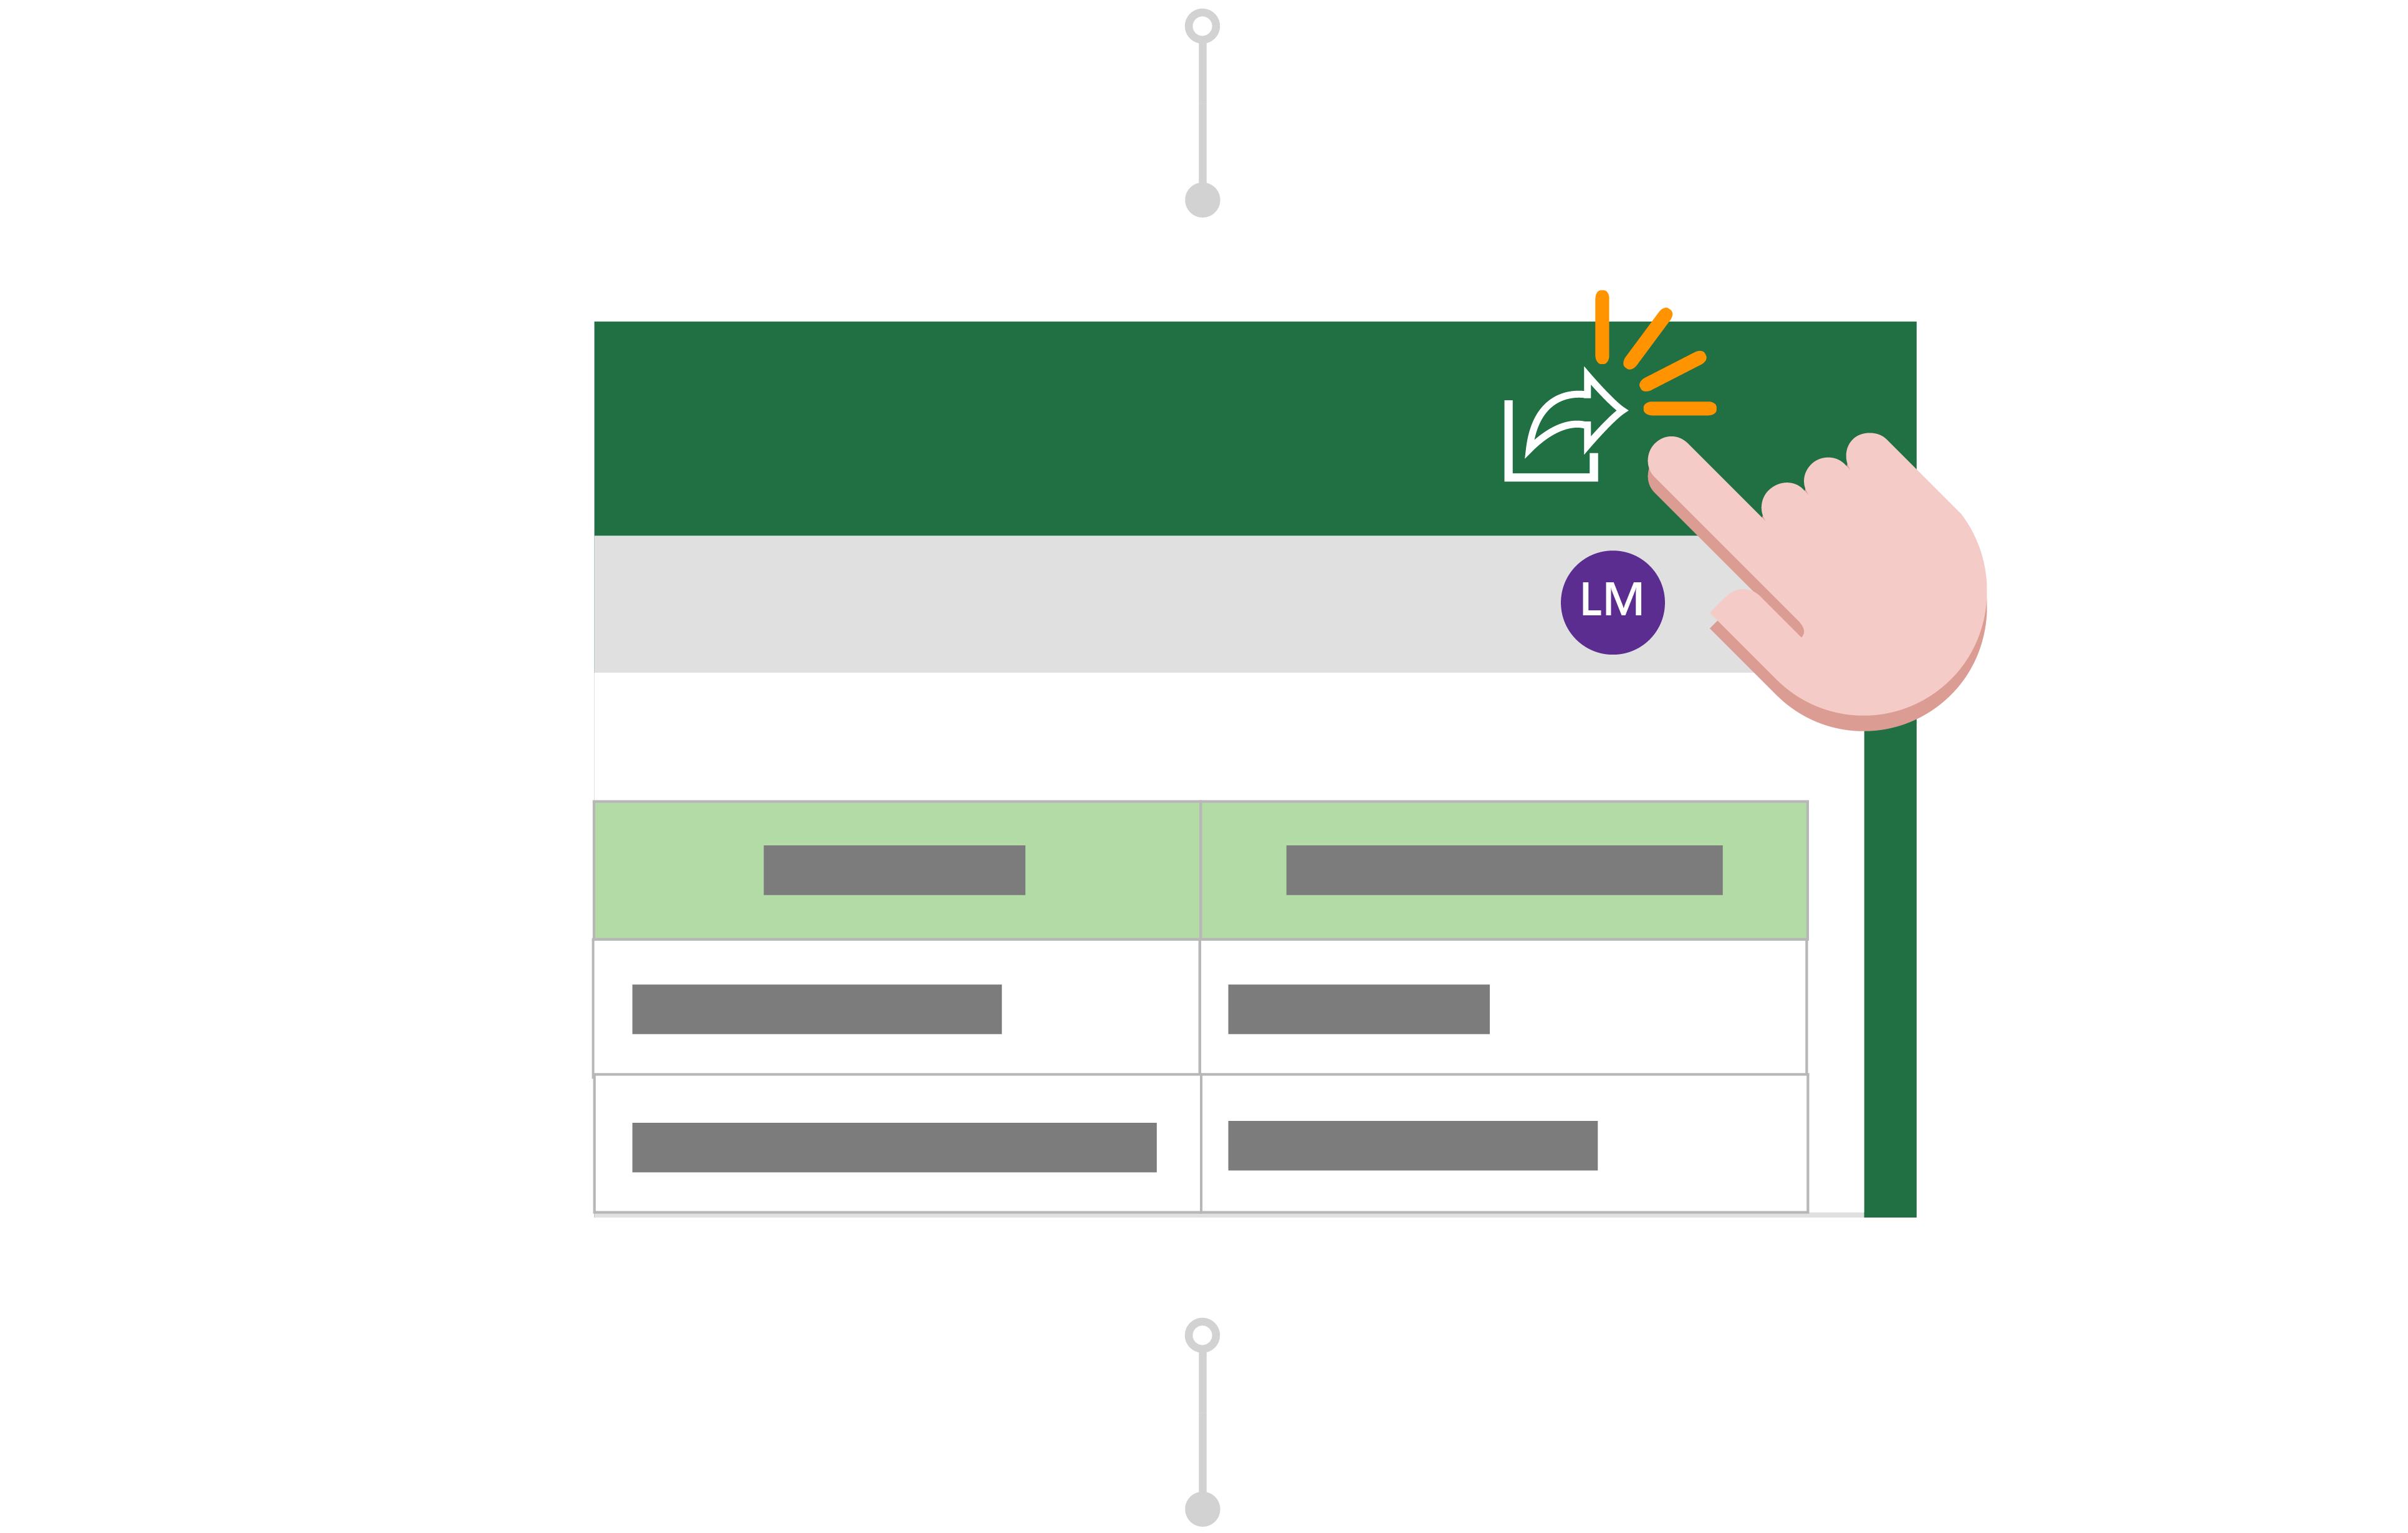 Linda fa clic sul pulsante Condividi per invitare altri utenti a collaborare.